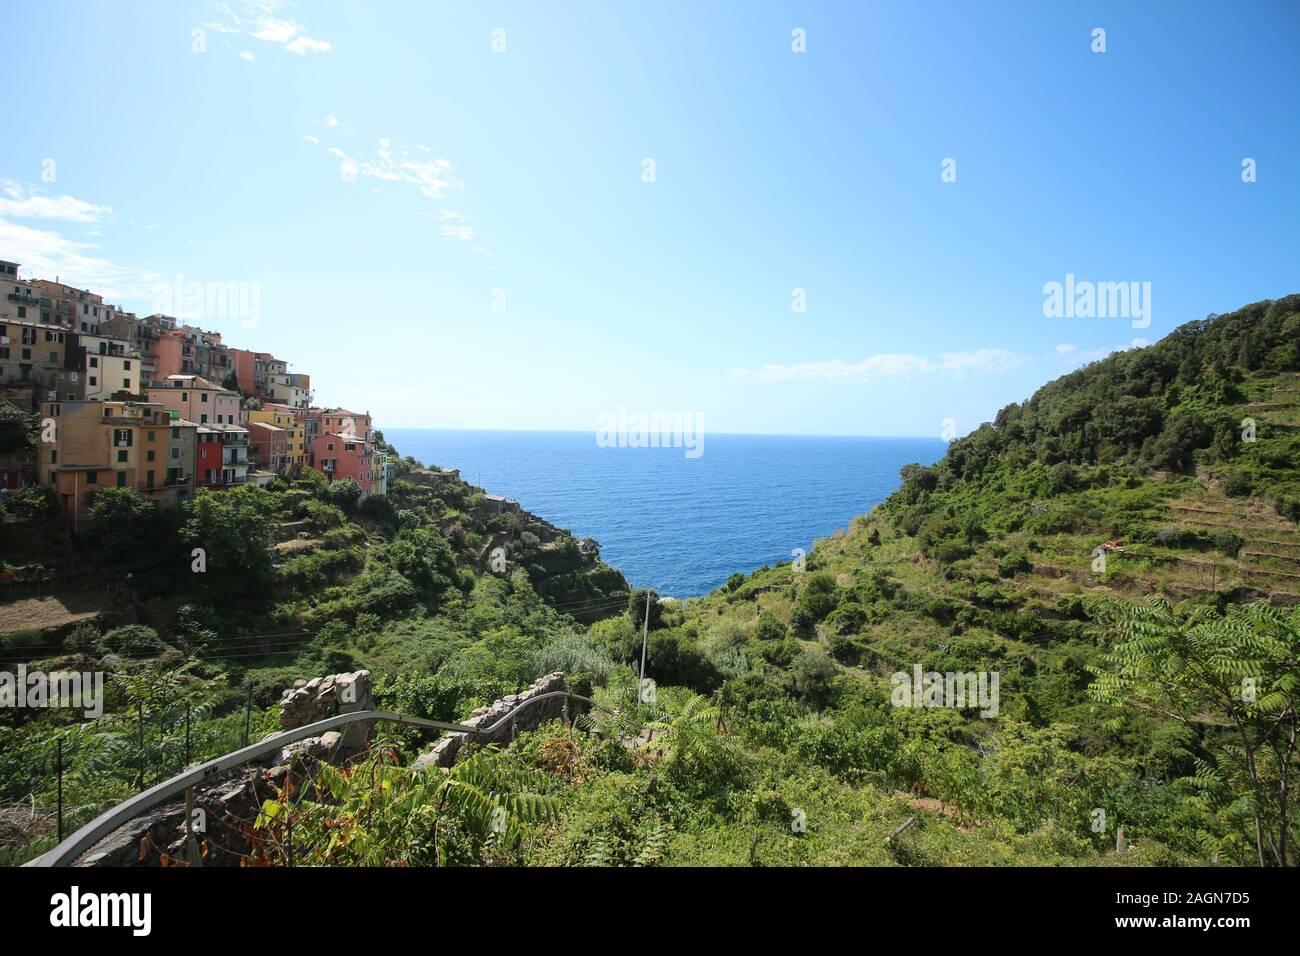 Village of Corniglia in Cinque Terre, Italy Stock Photo